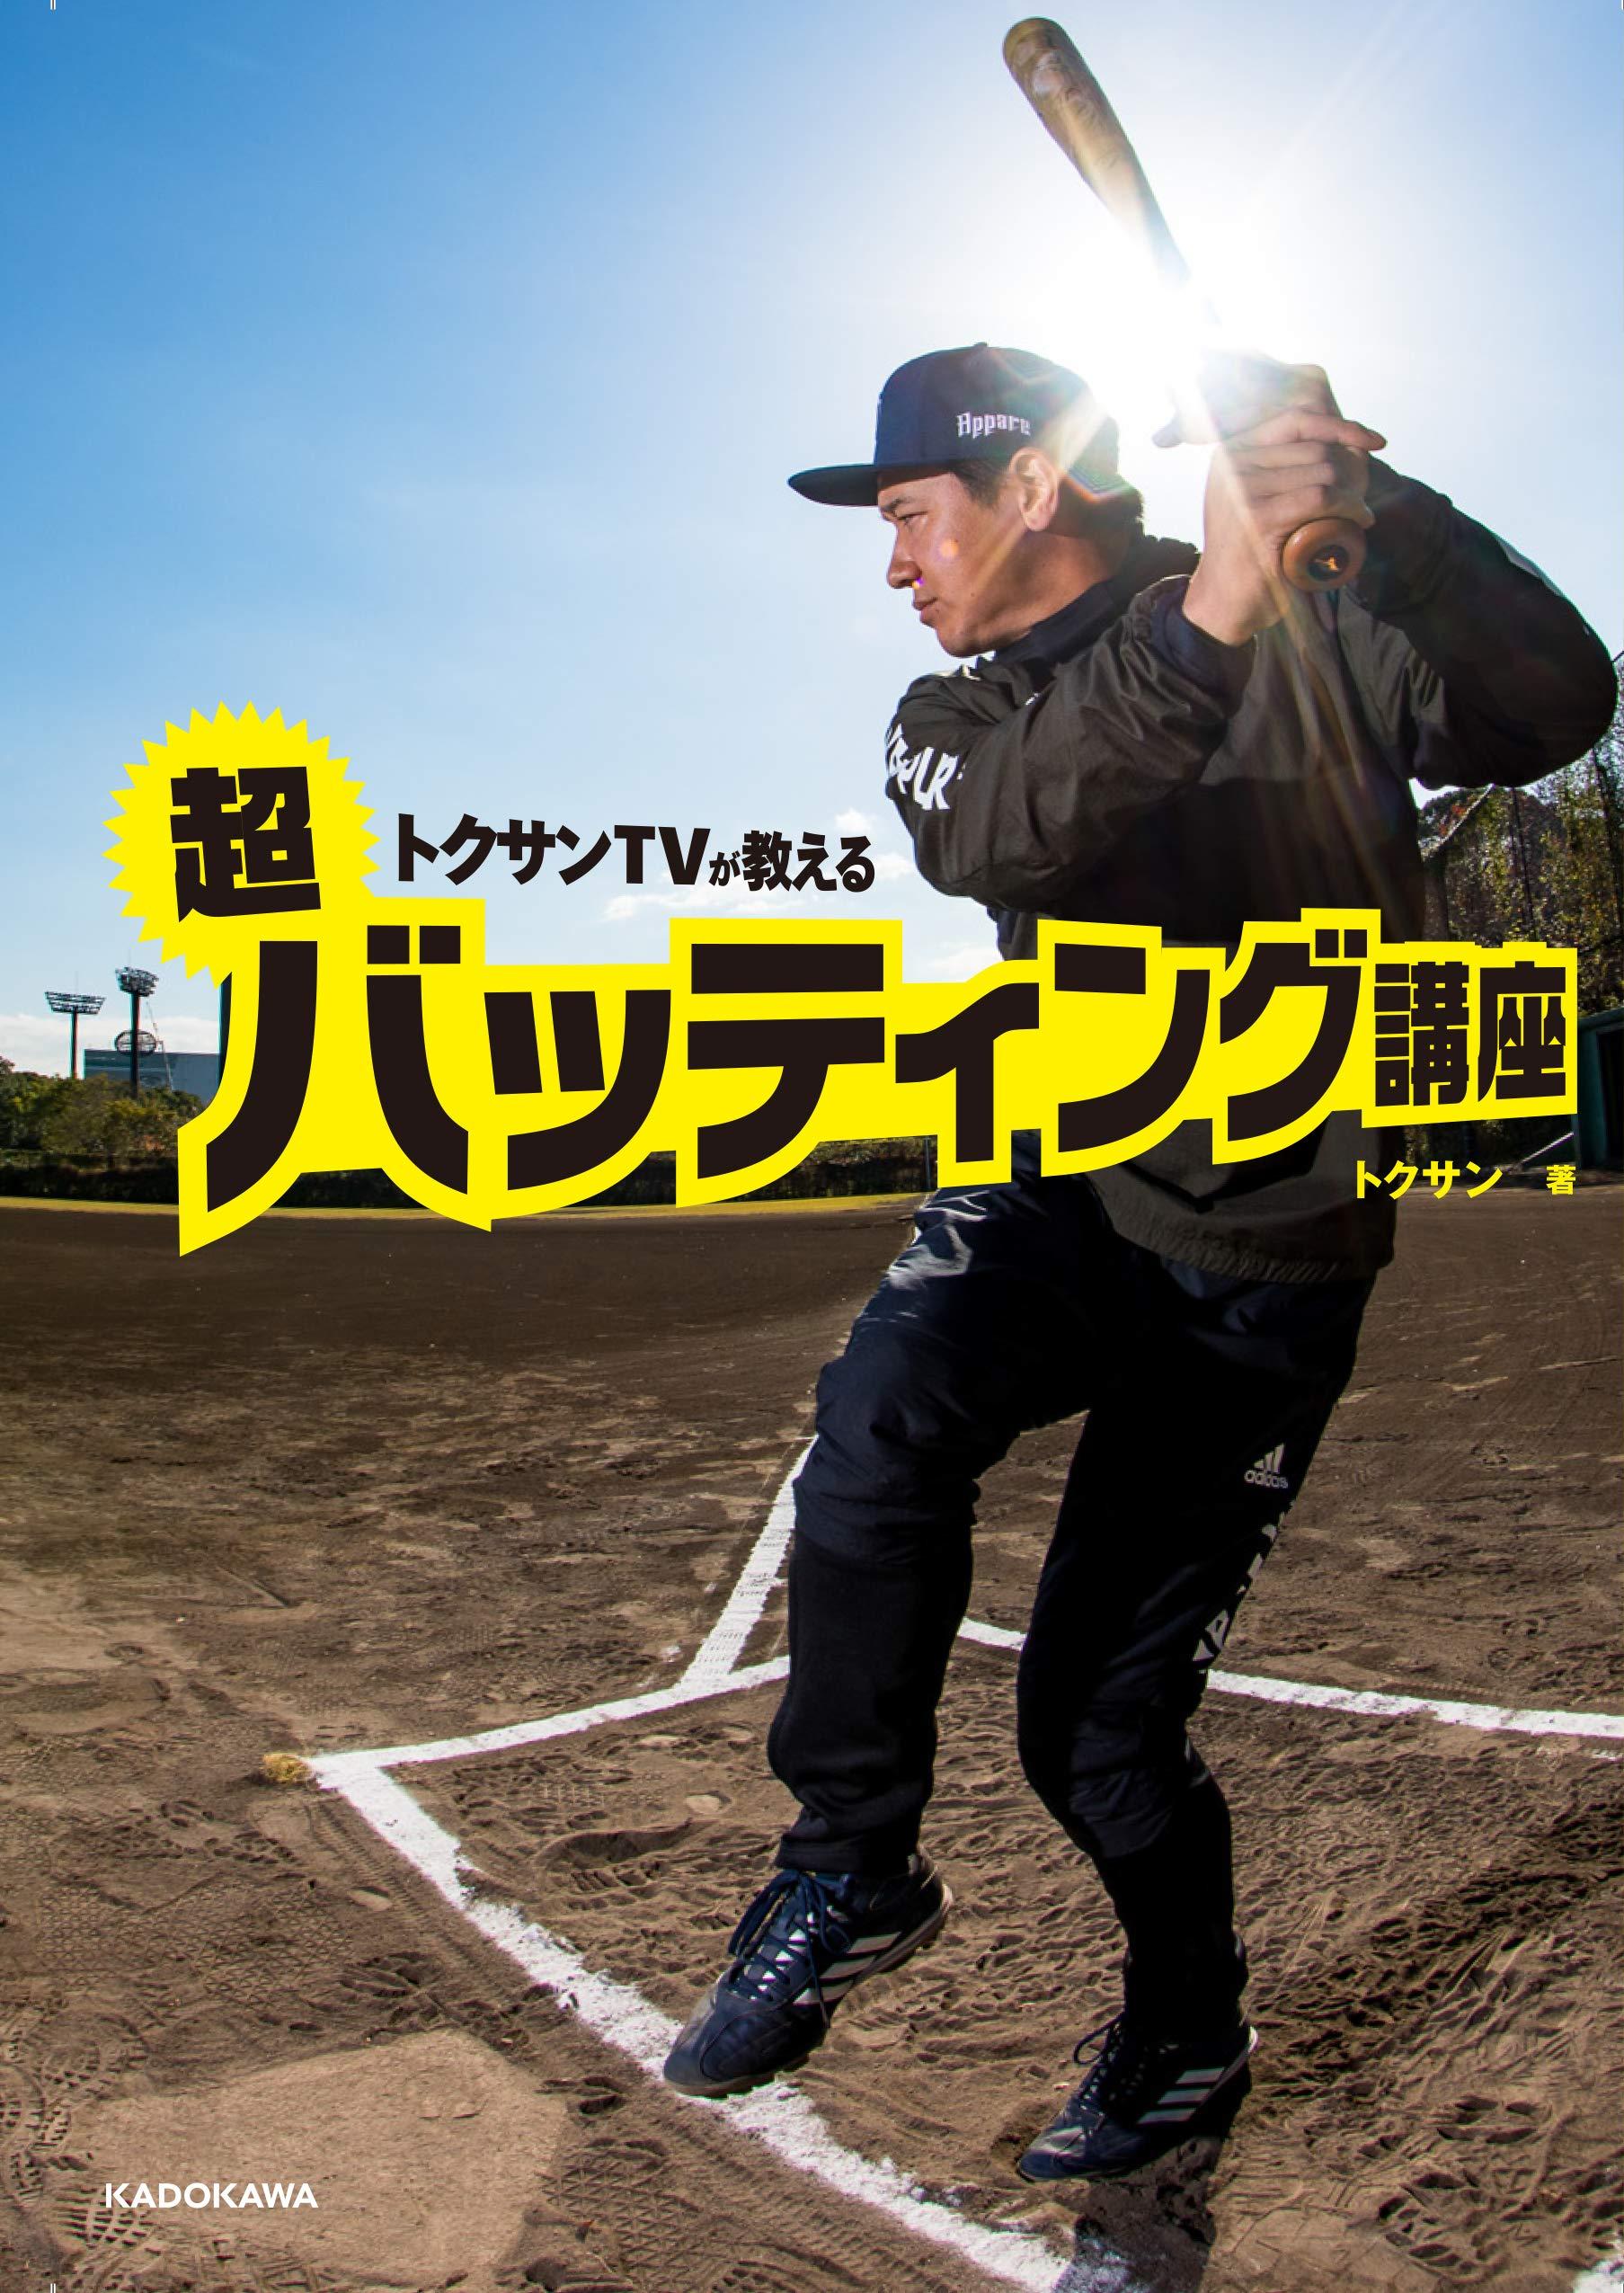 Tv トクサン 野球少年に大人気、野球YouTuber・トクサンとは? 力不足と悔しさ知った高校時代